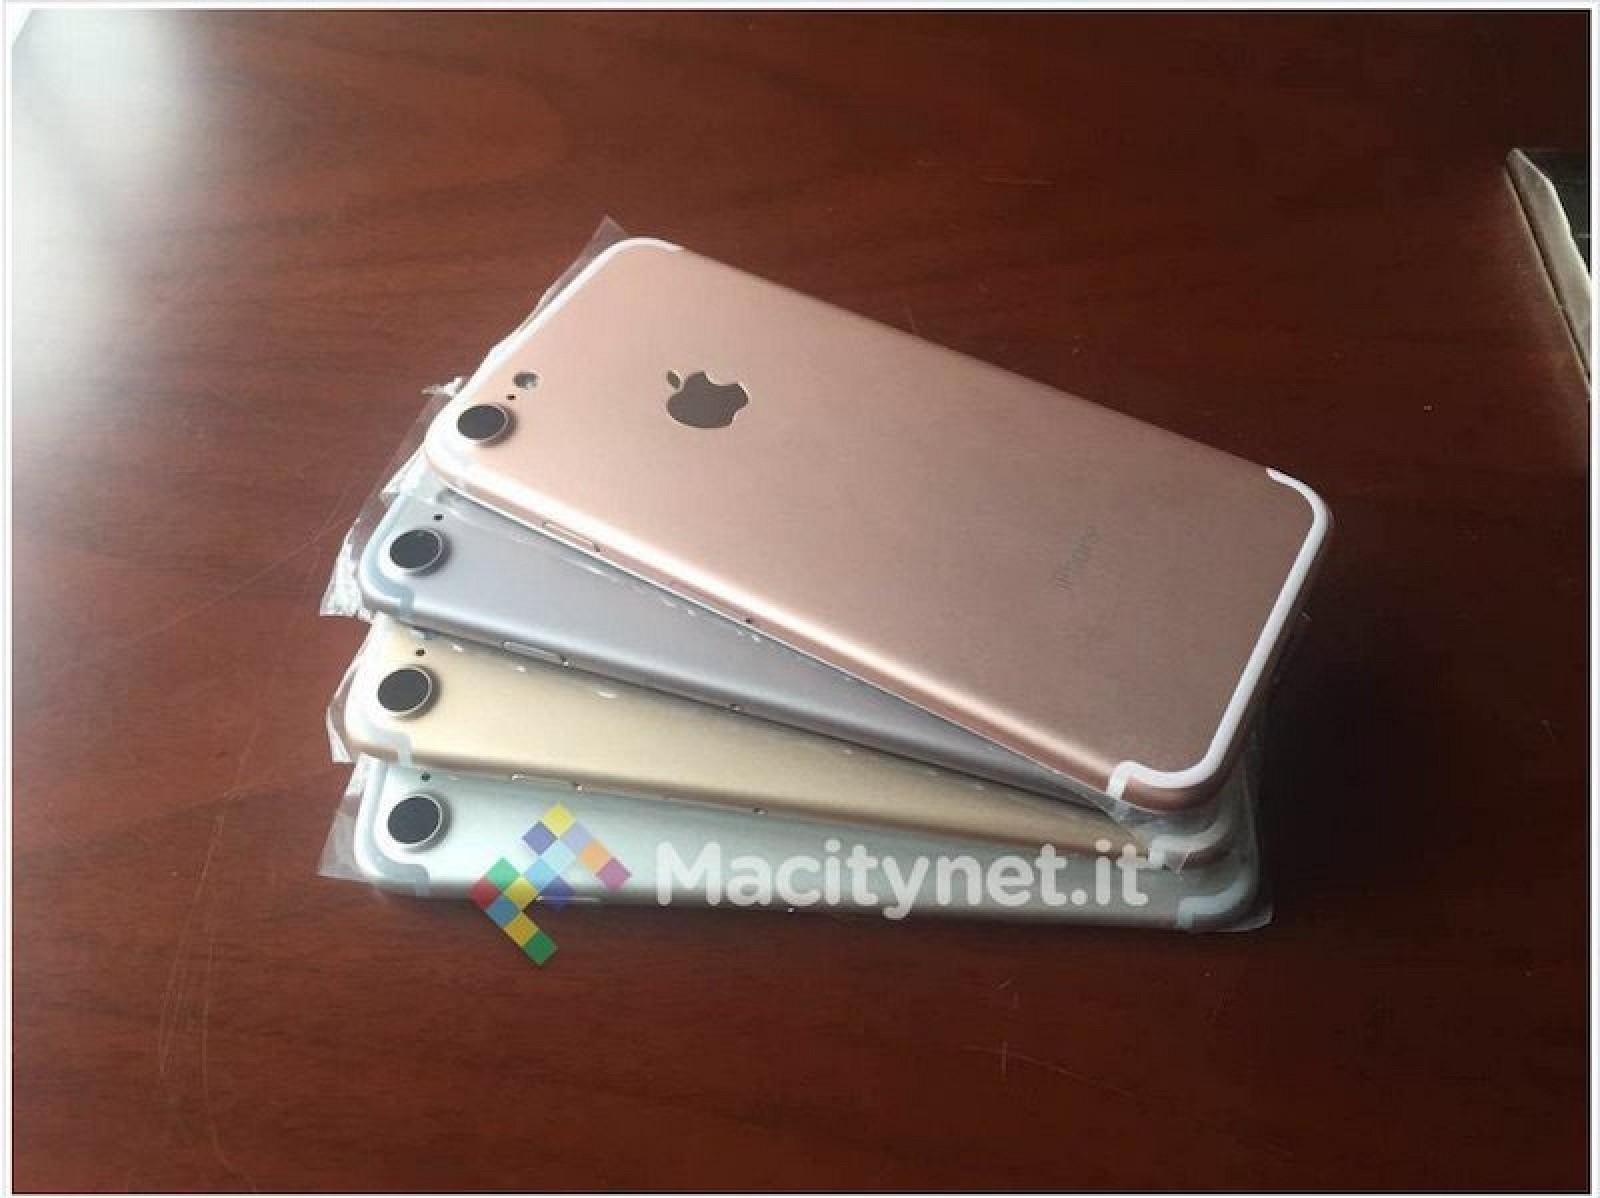 Supuesta carcasa trasera del iPhone 7 en varios colores